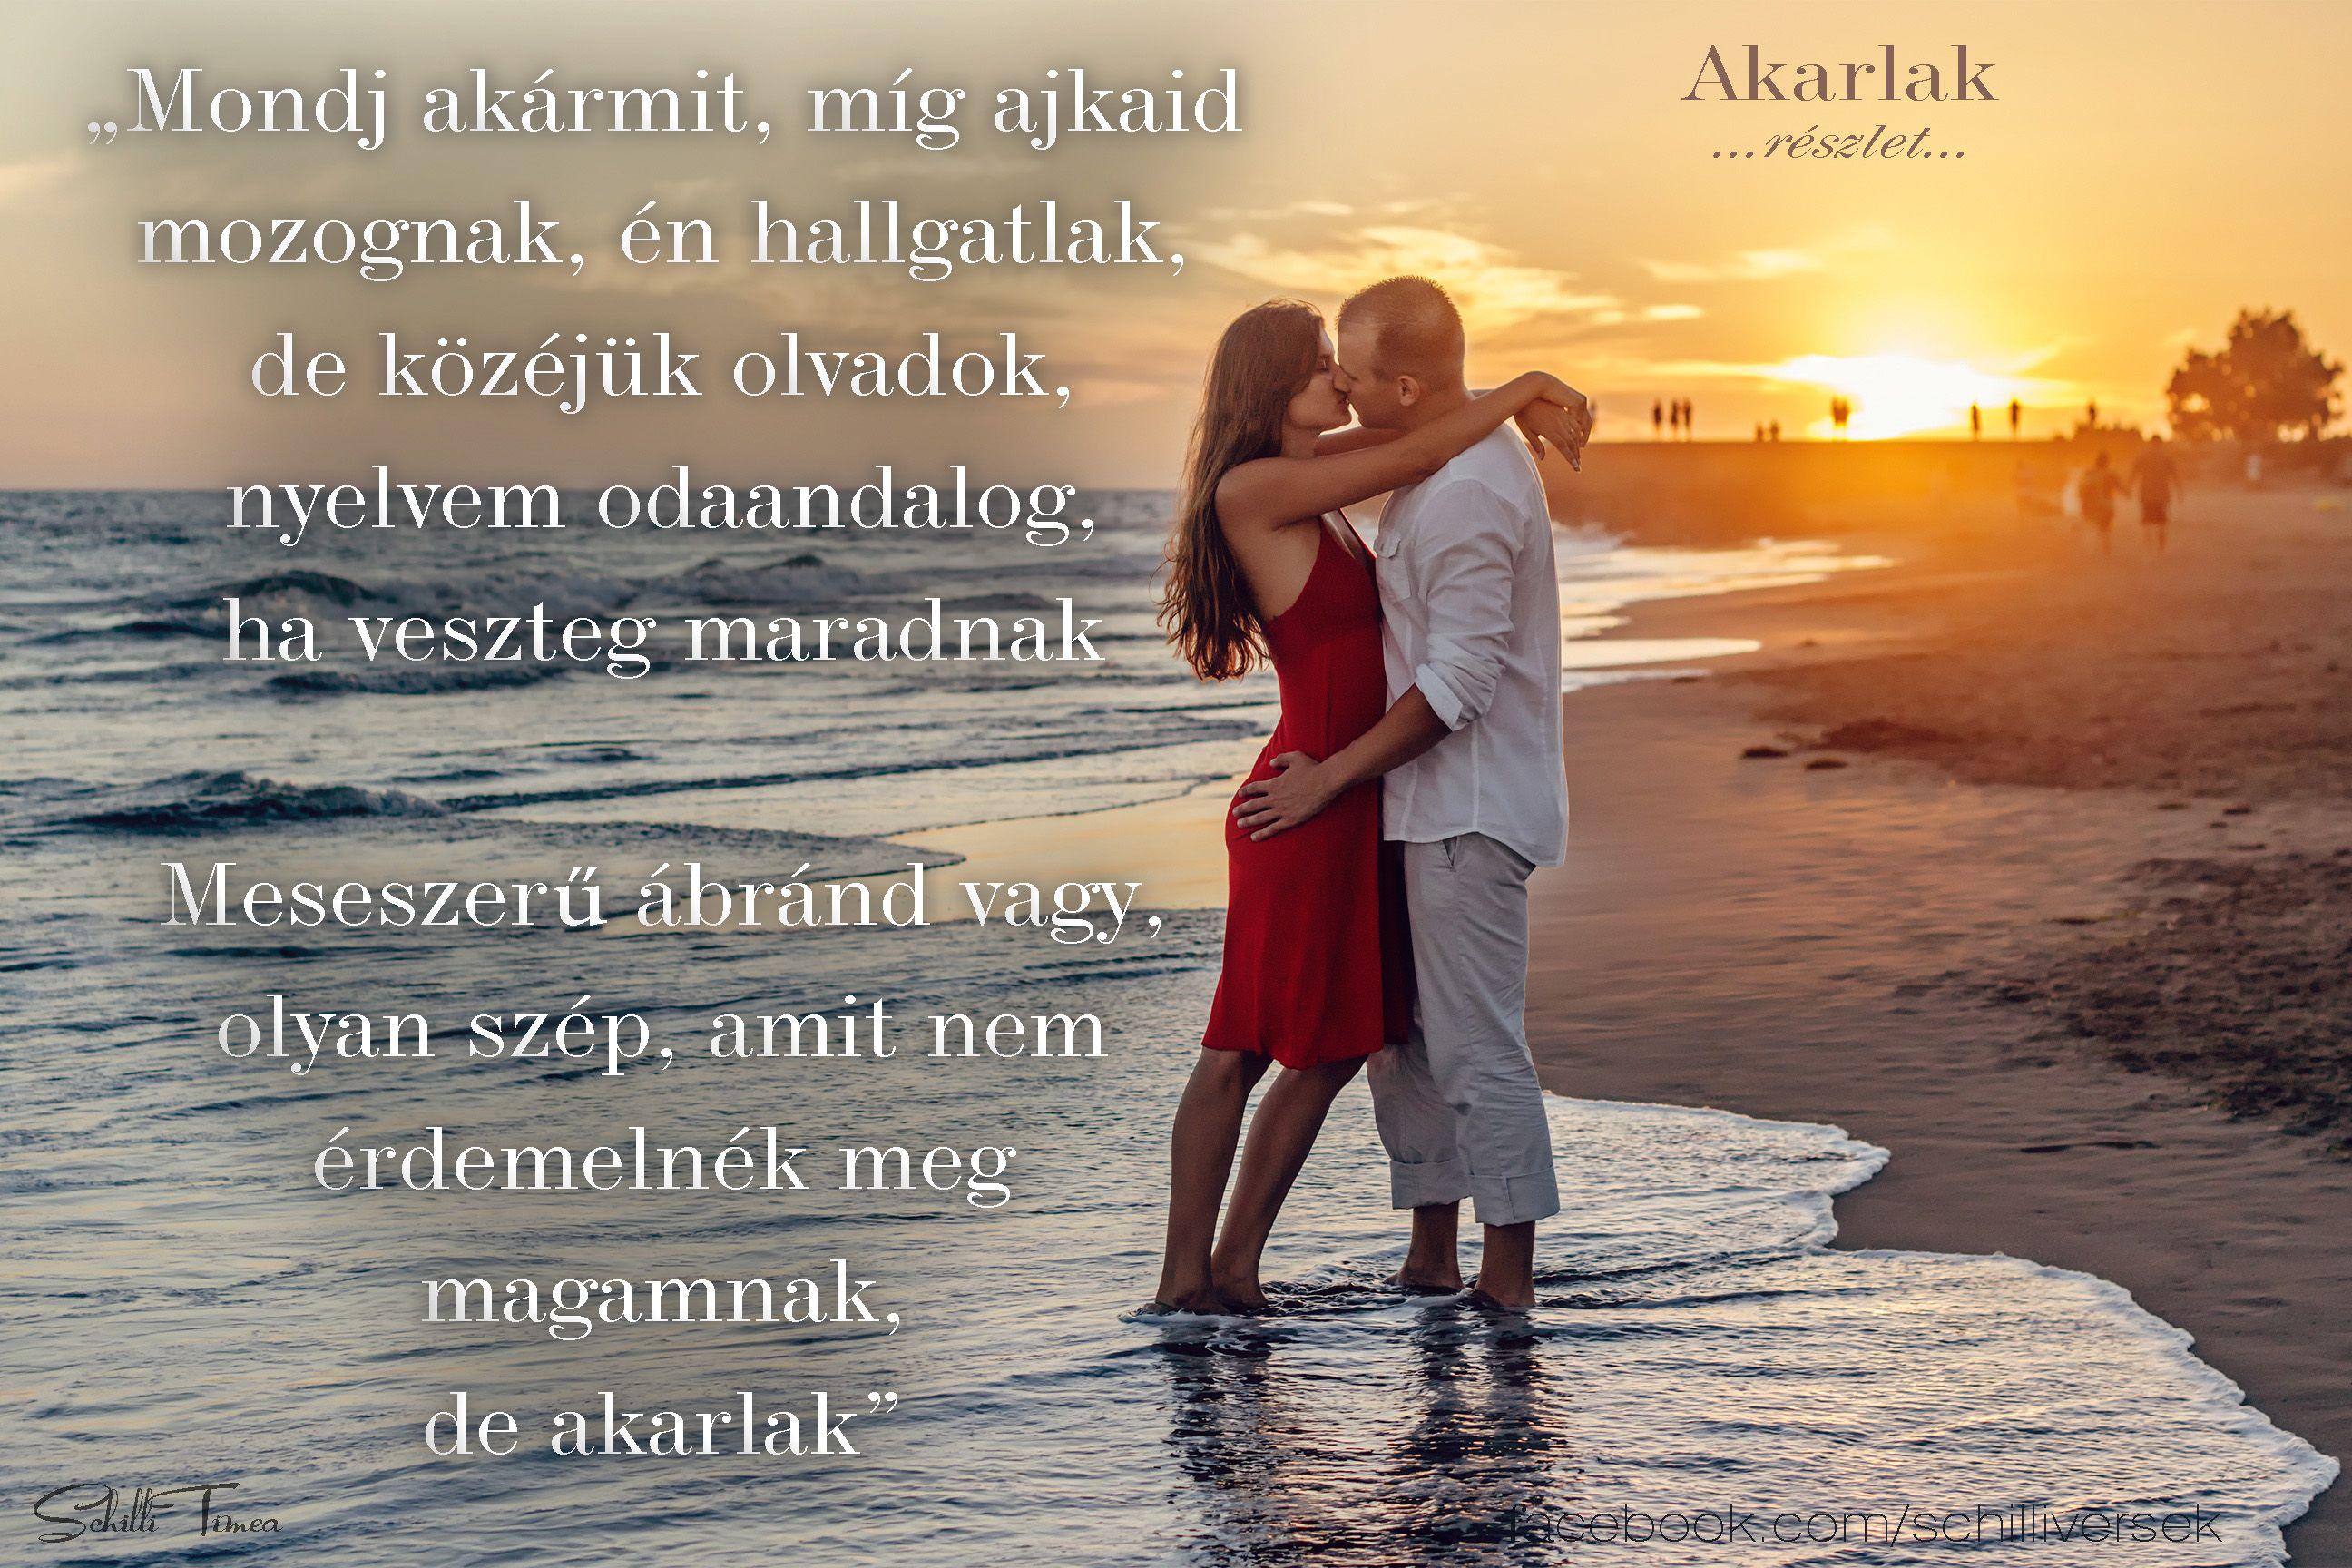 múlt szerelem idézetek Akarlak